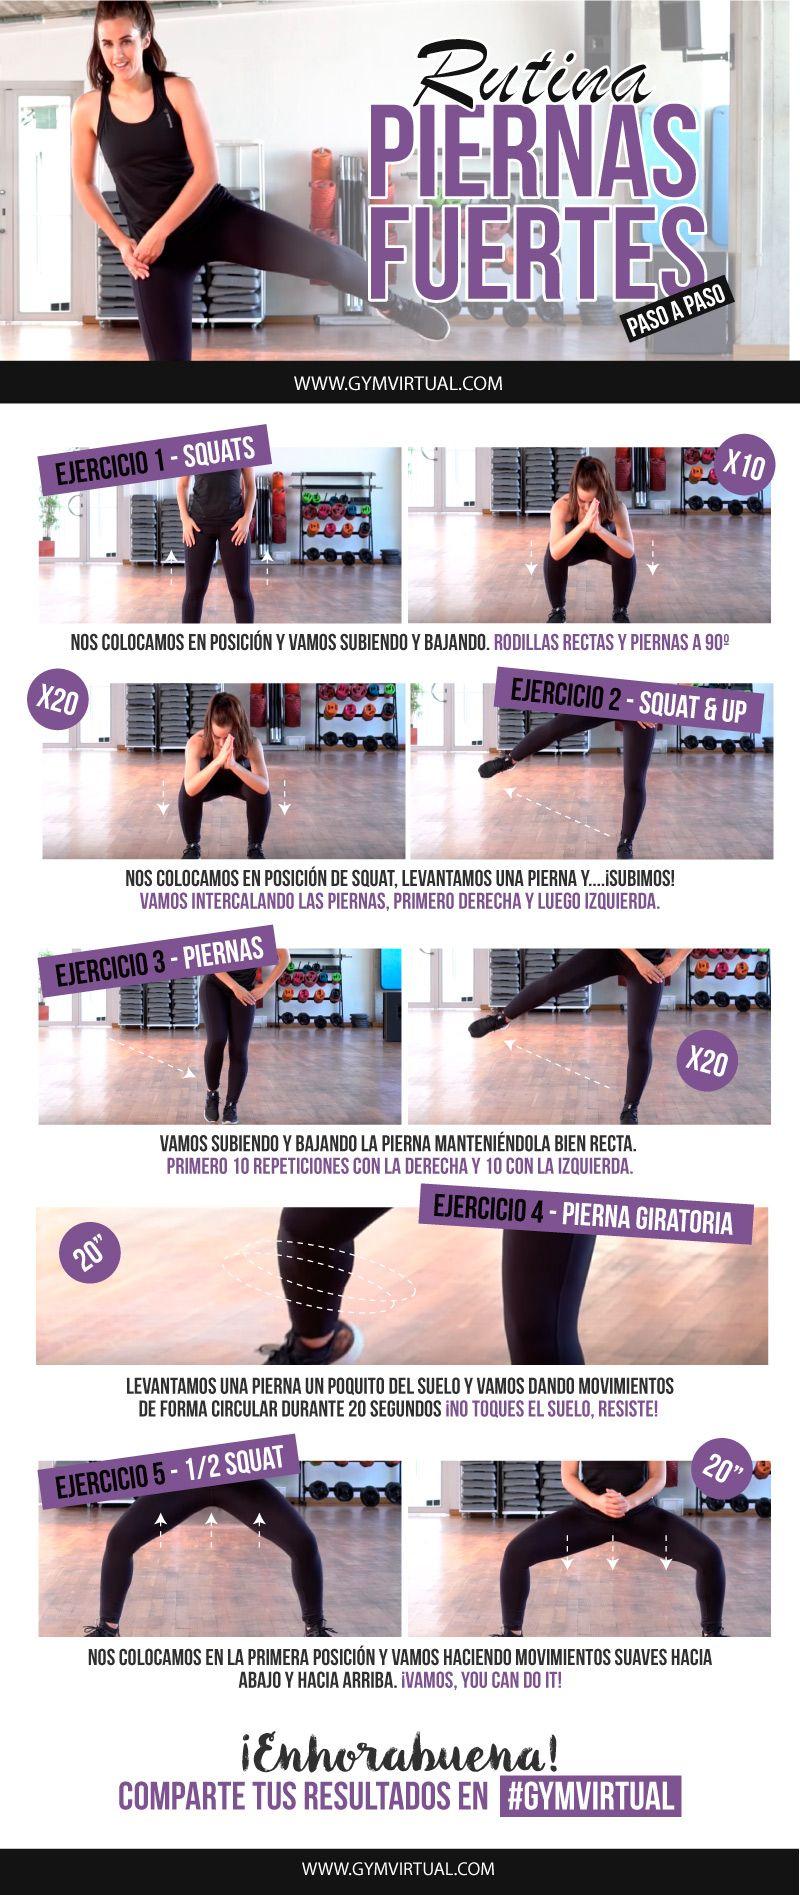 rutina de ejercicios fuertes para piernas